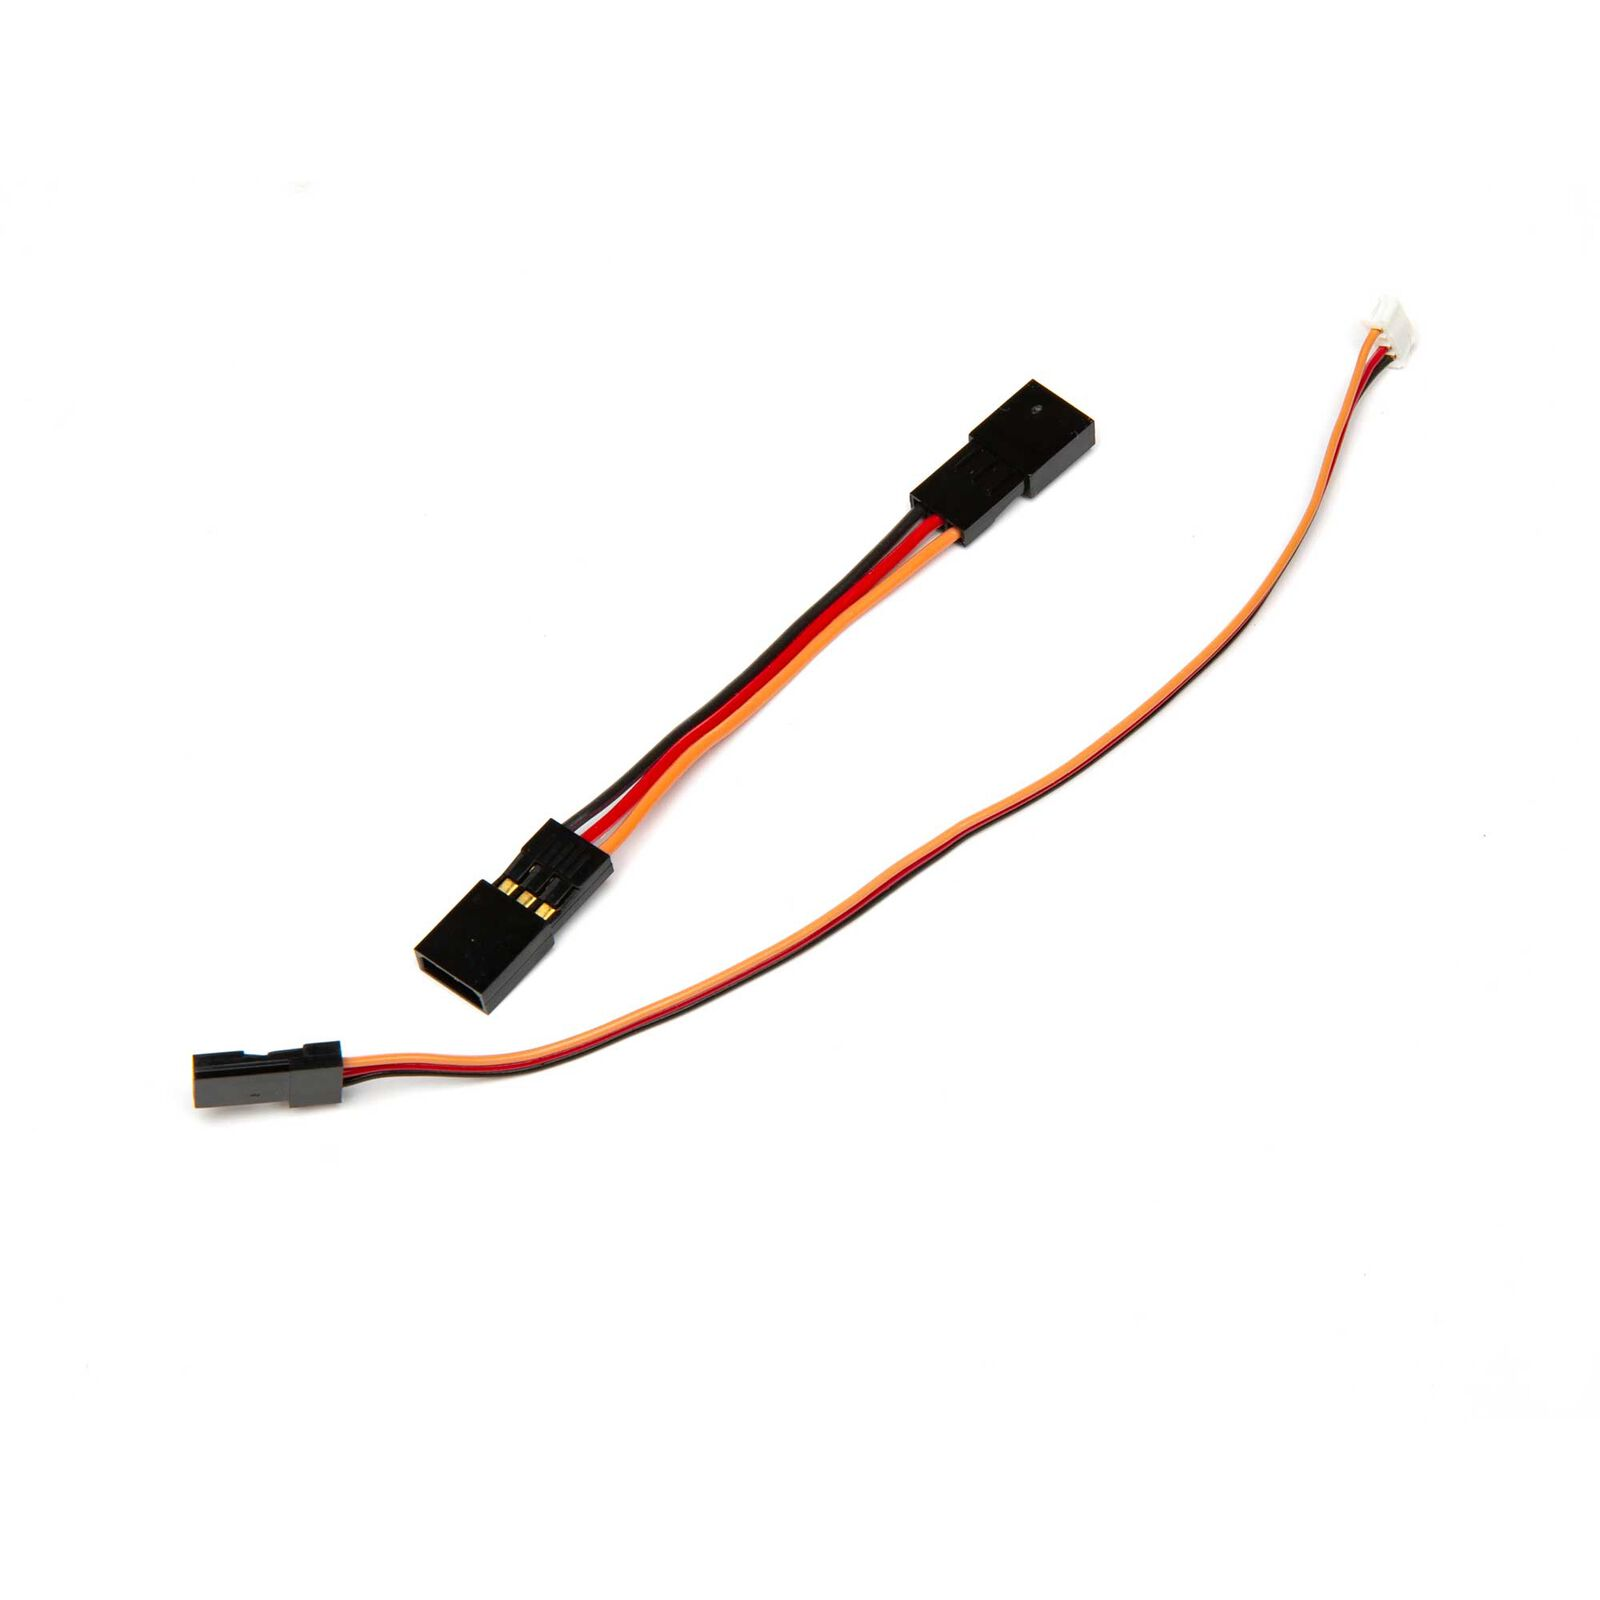 SRXL2 Update Cable: Receiver/Servo Male & Female/Female